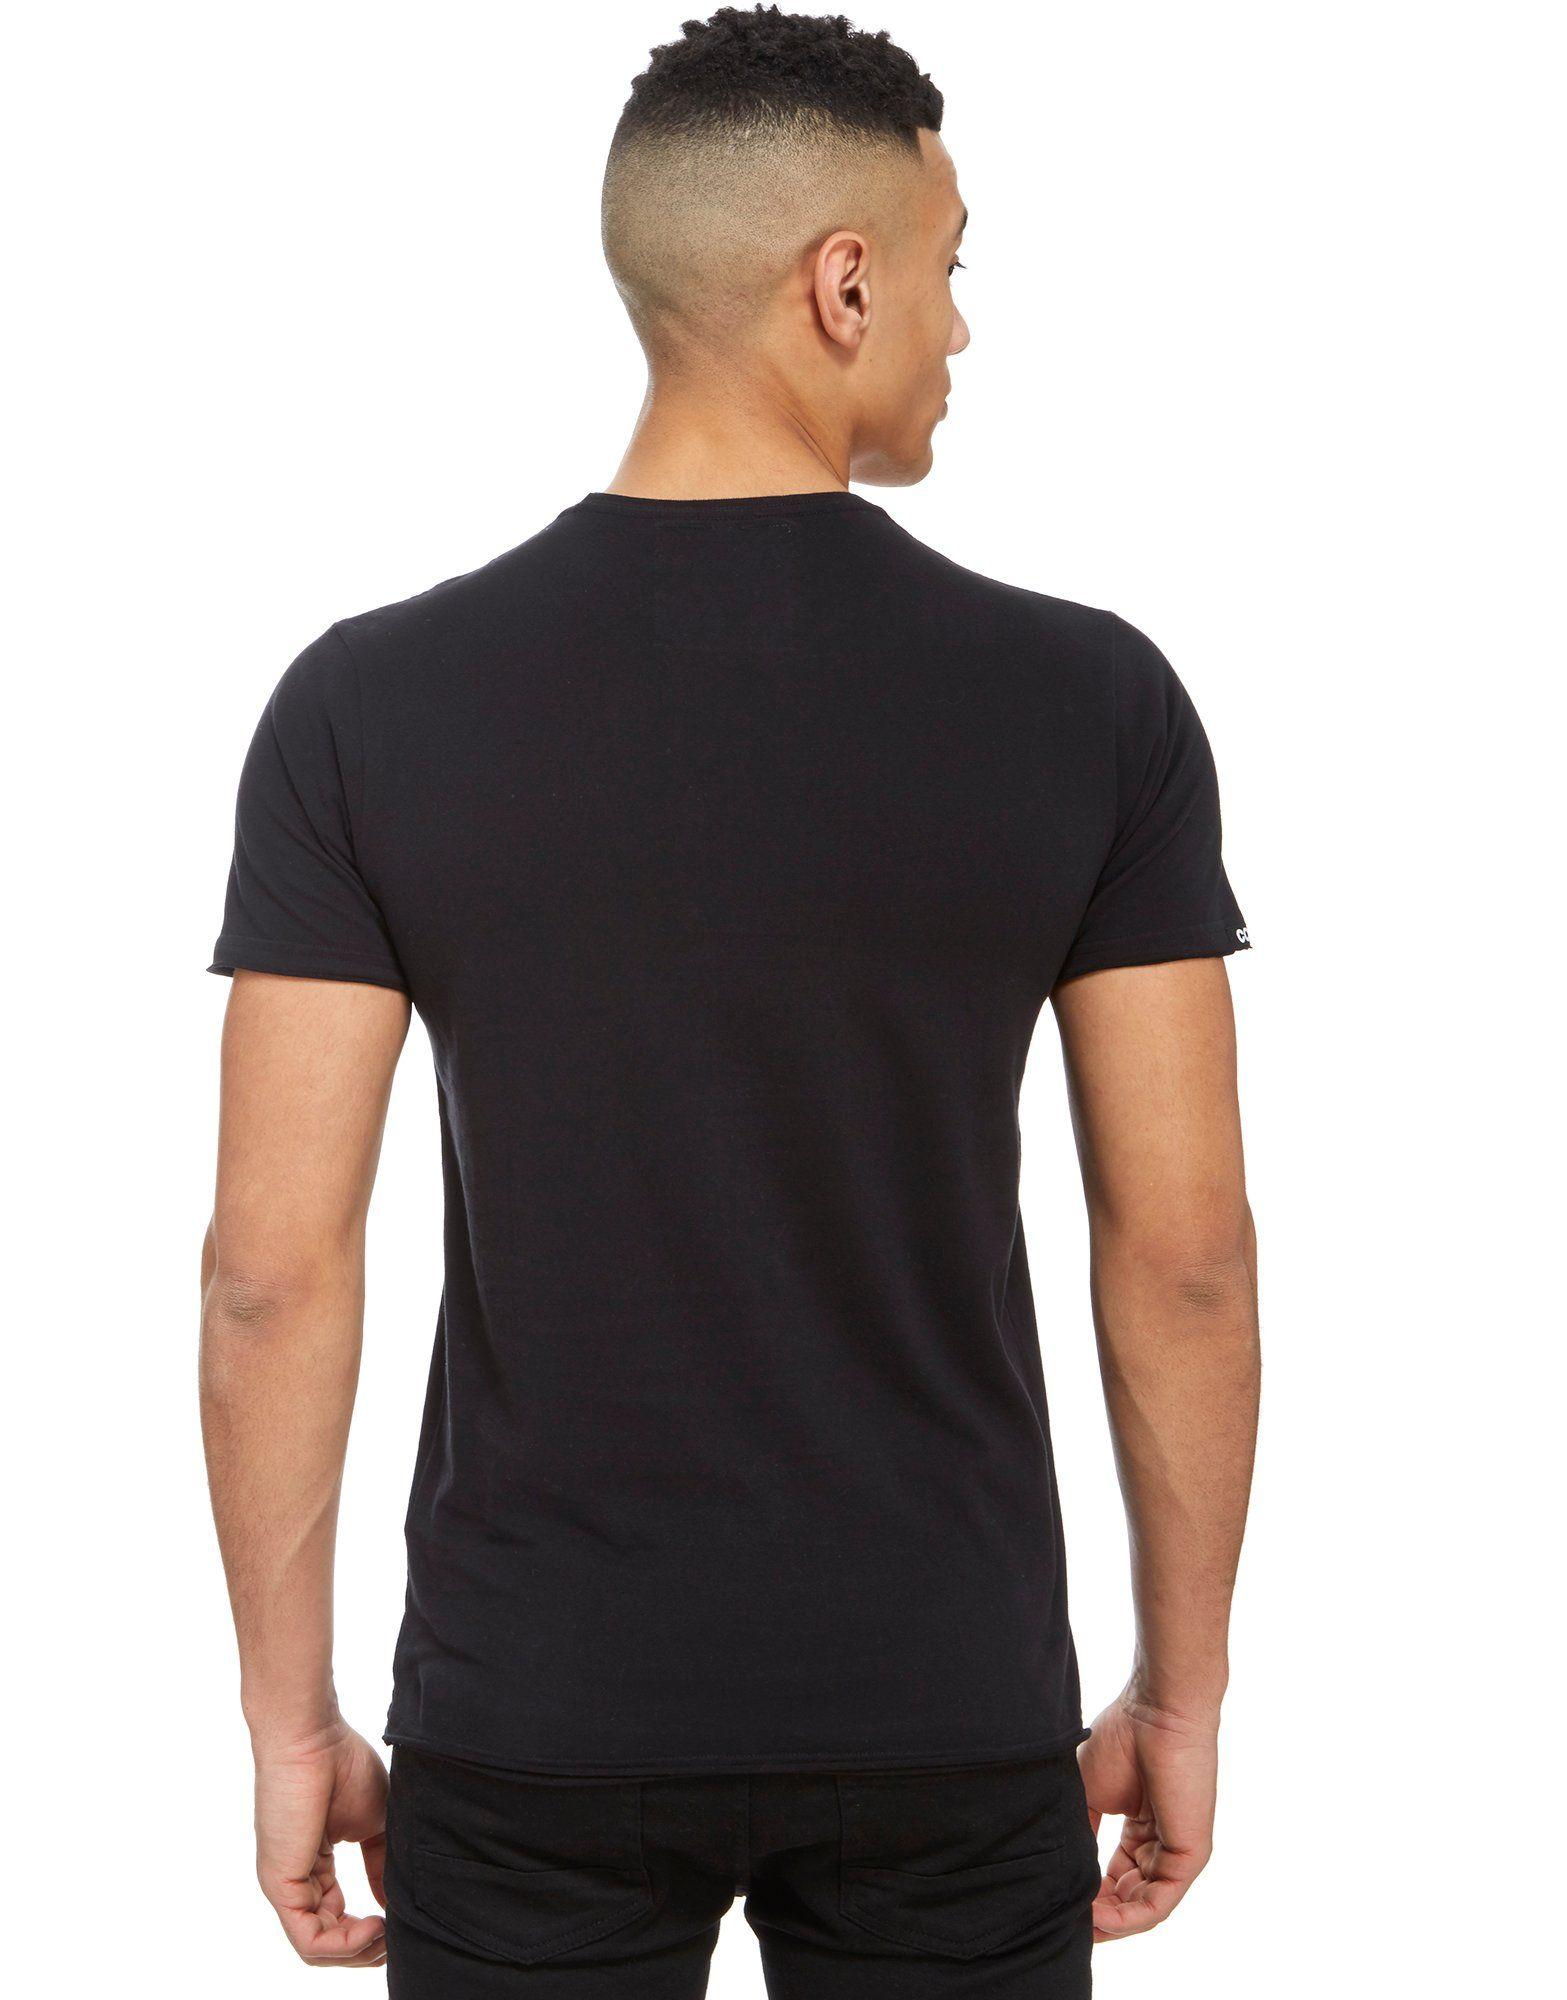 COPA George Best United T-Shirt Schwarz